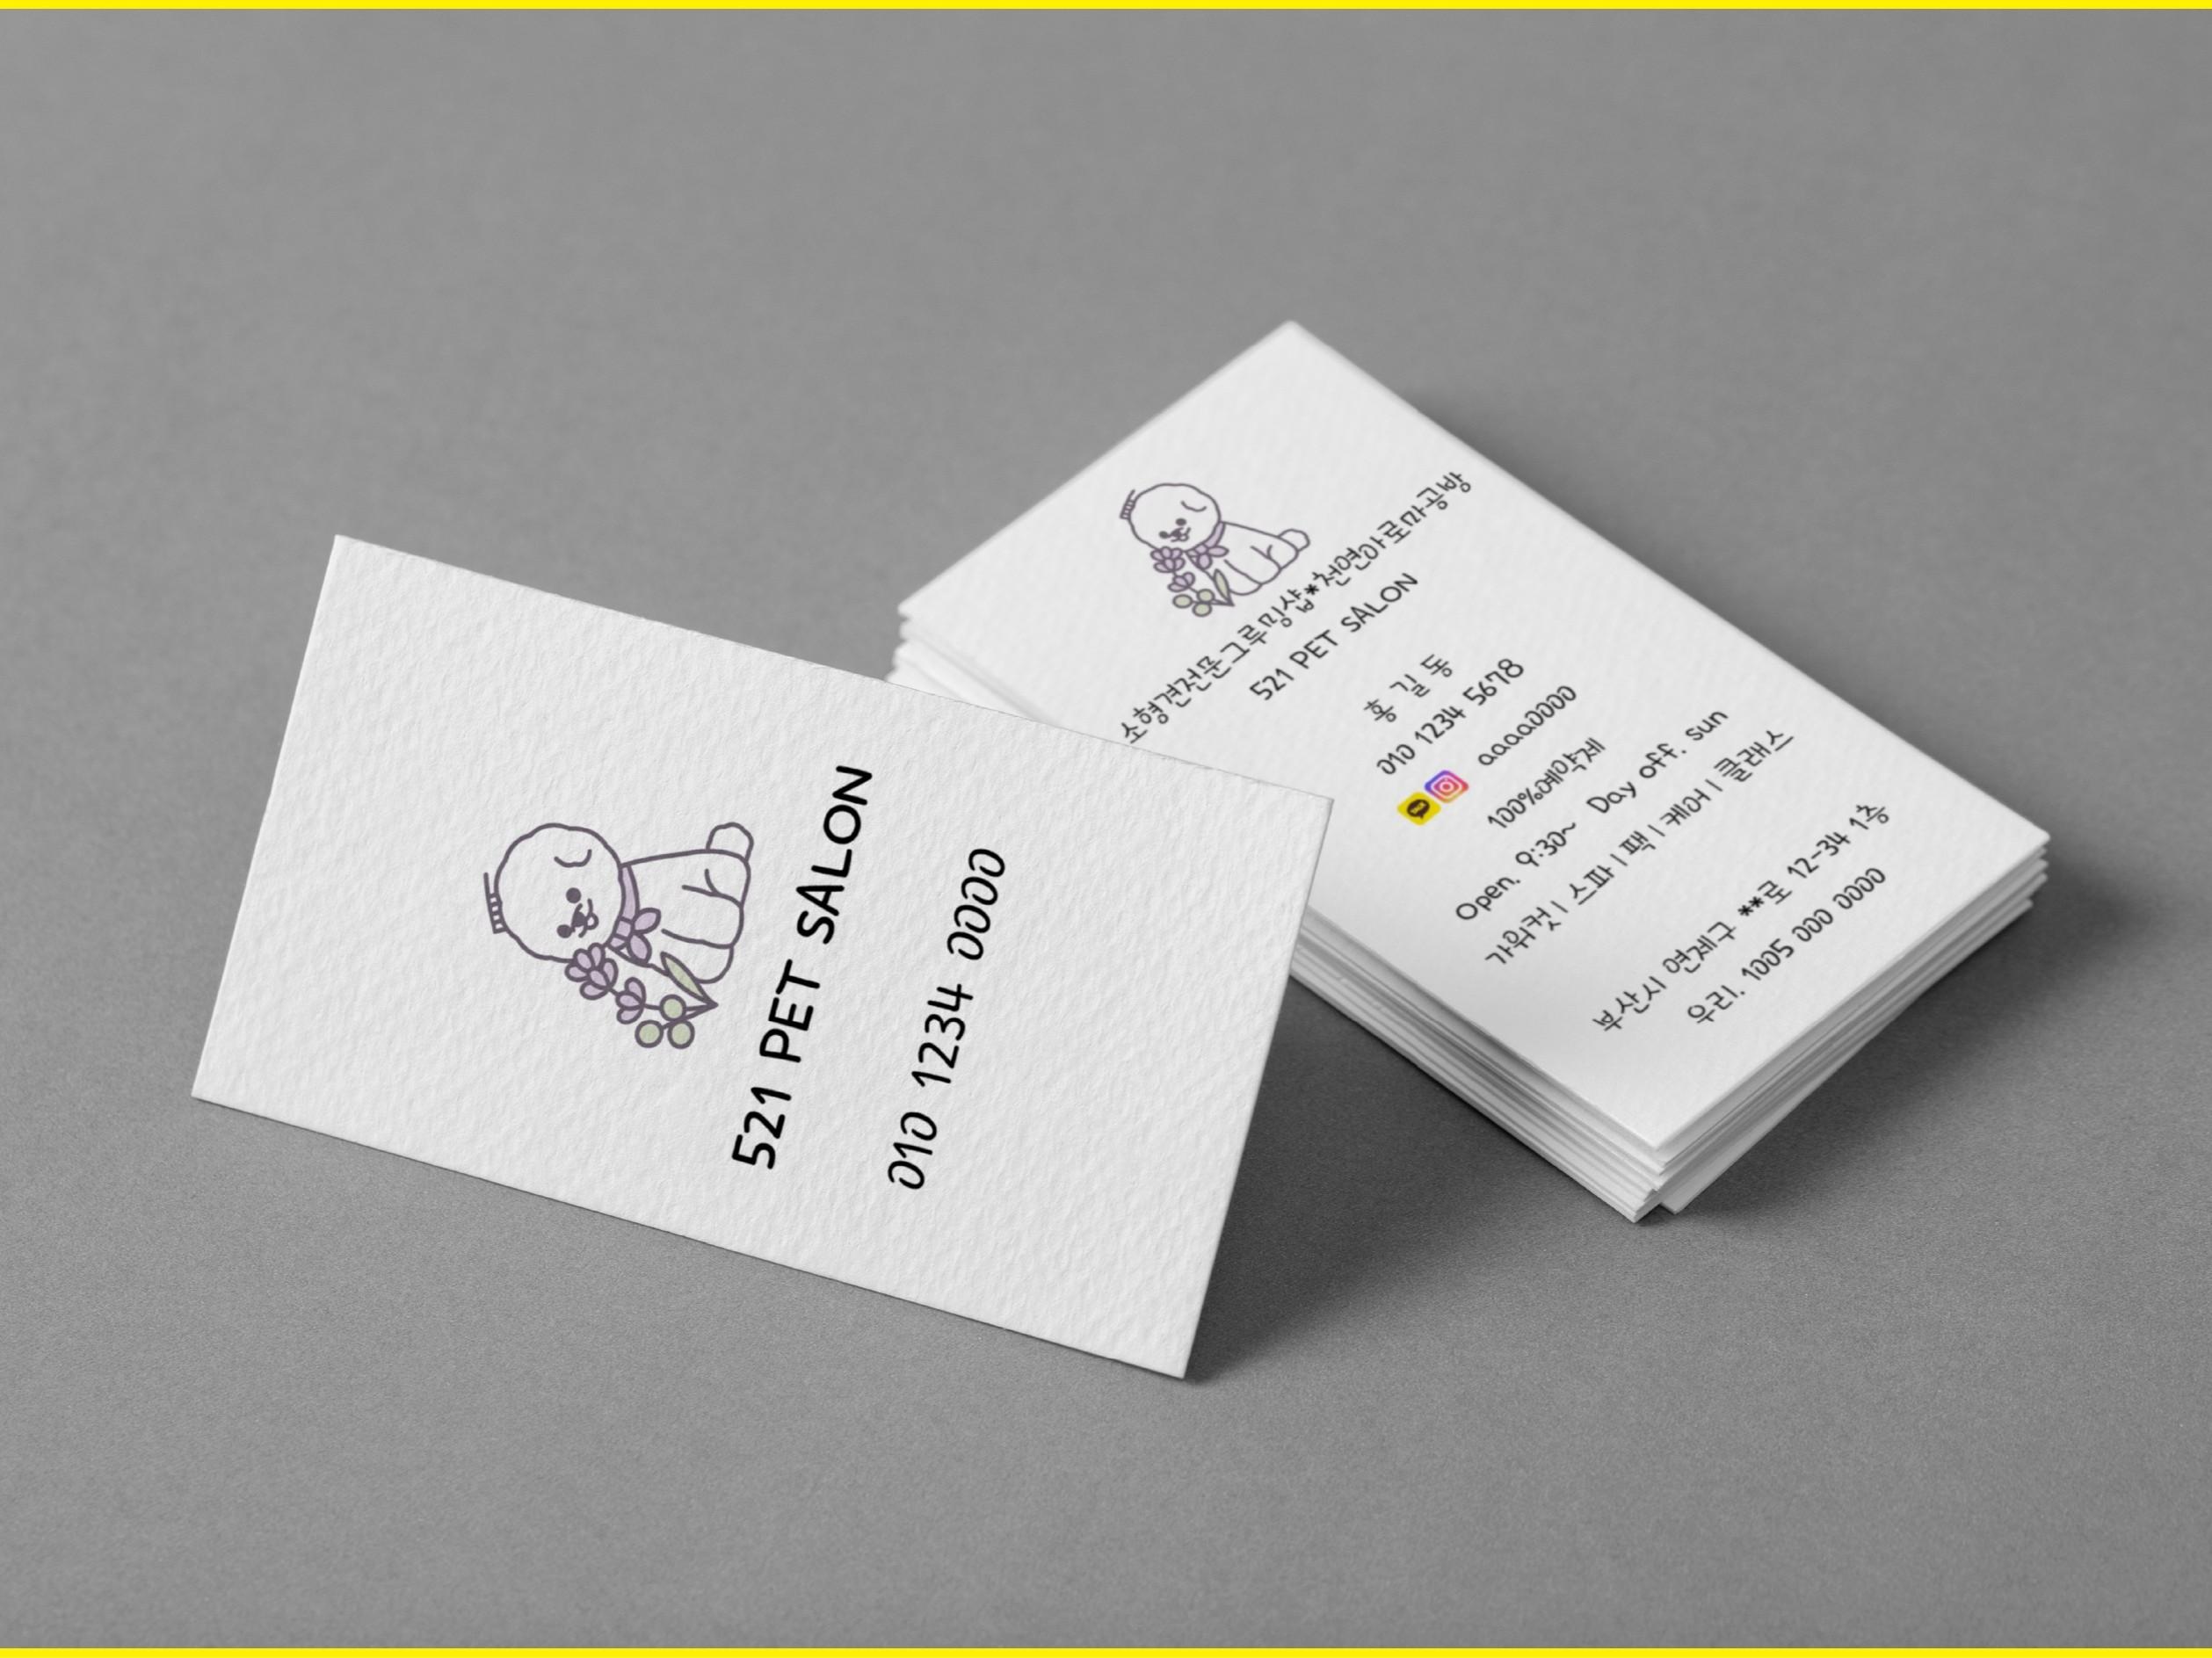 명함 디자인부터 인쇄, 배송까지 모두 다 해 드립니다.